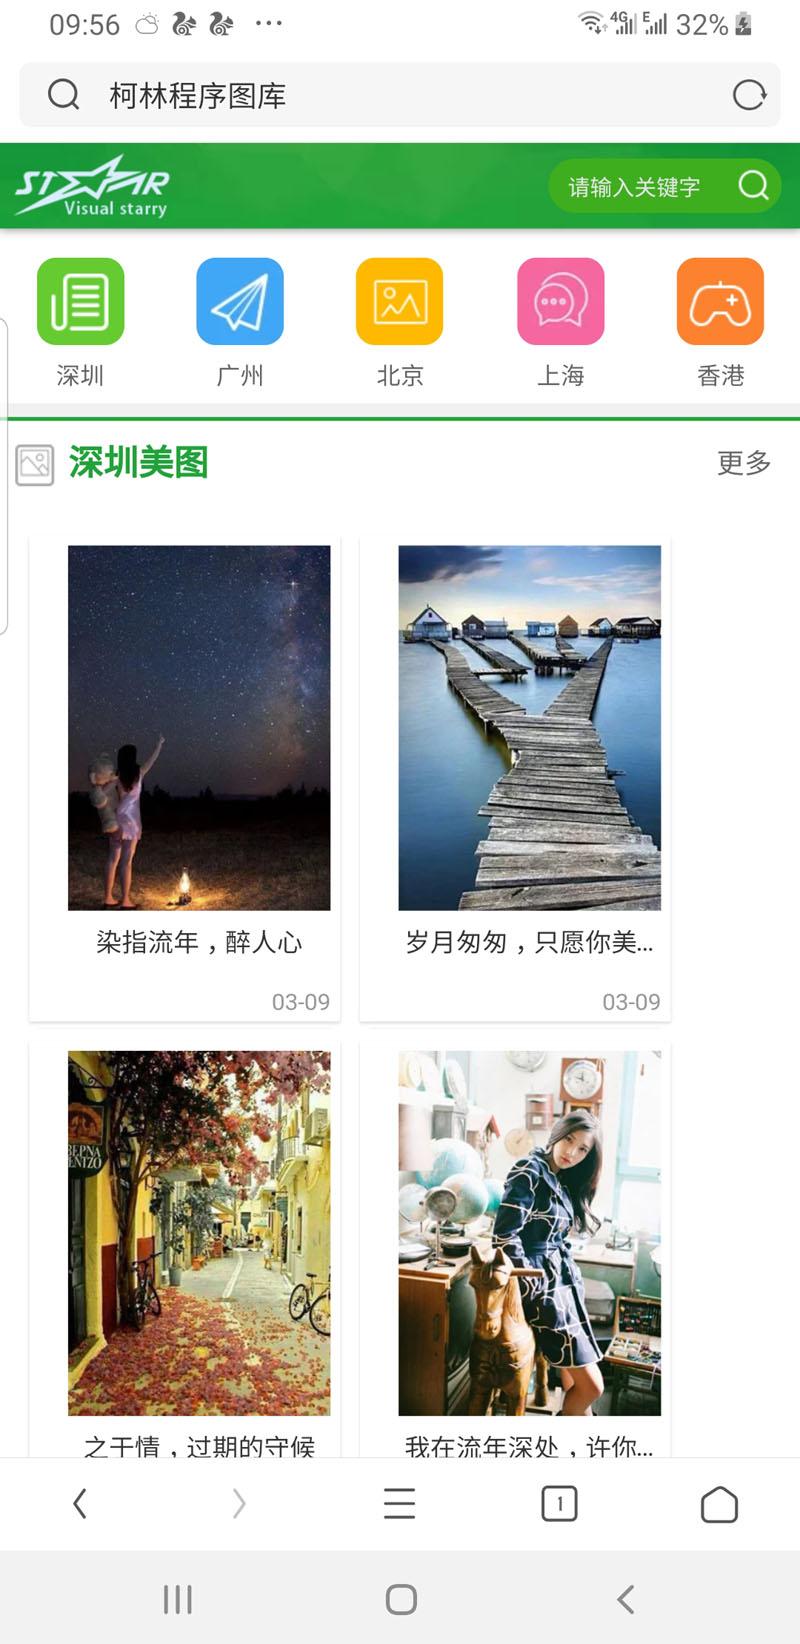 纯图片网站效果展示模板